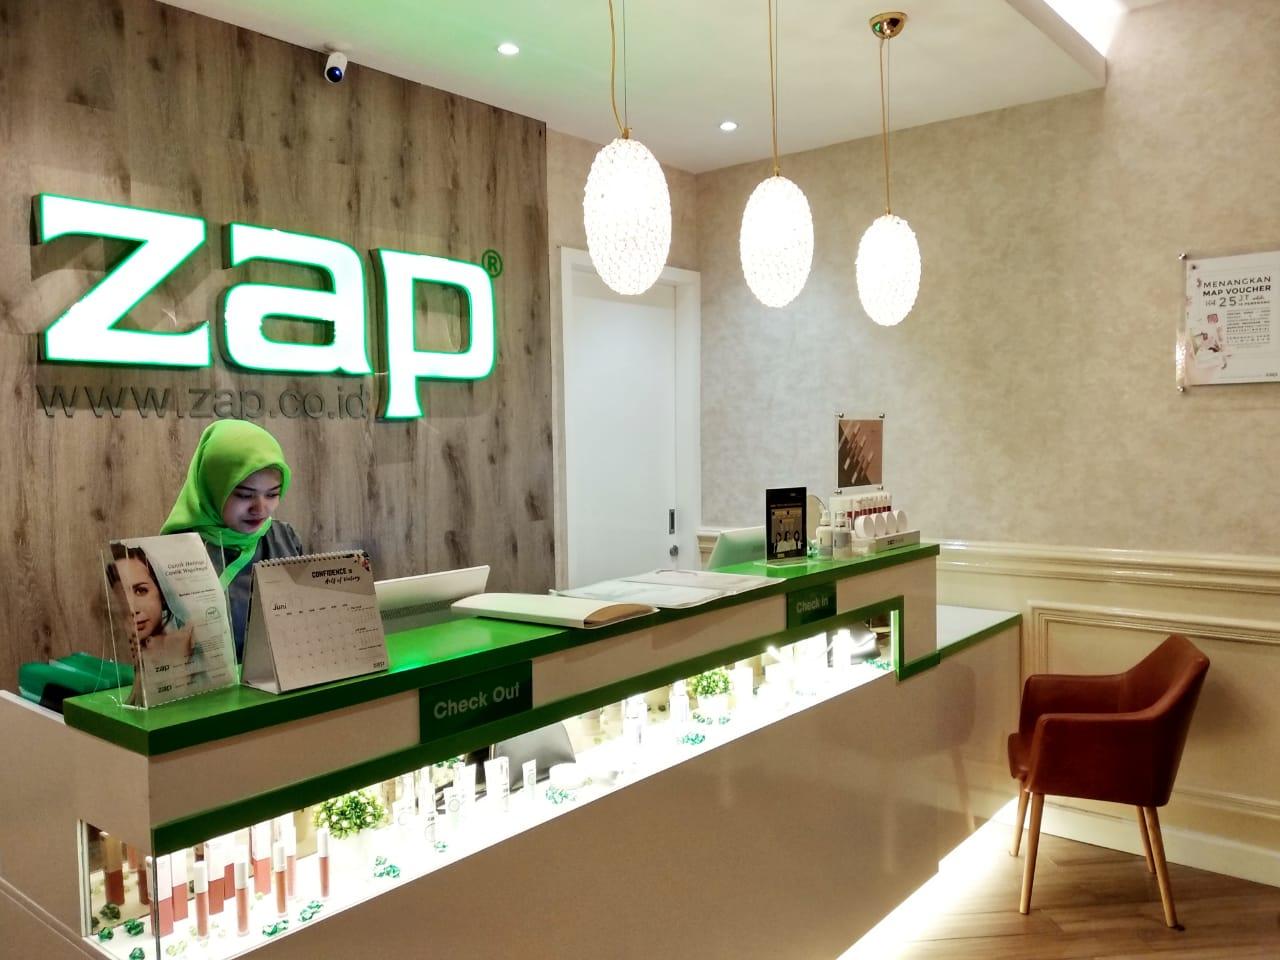 Pengalaman Zap New Photo Facial Di Zap Clinic